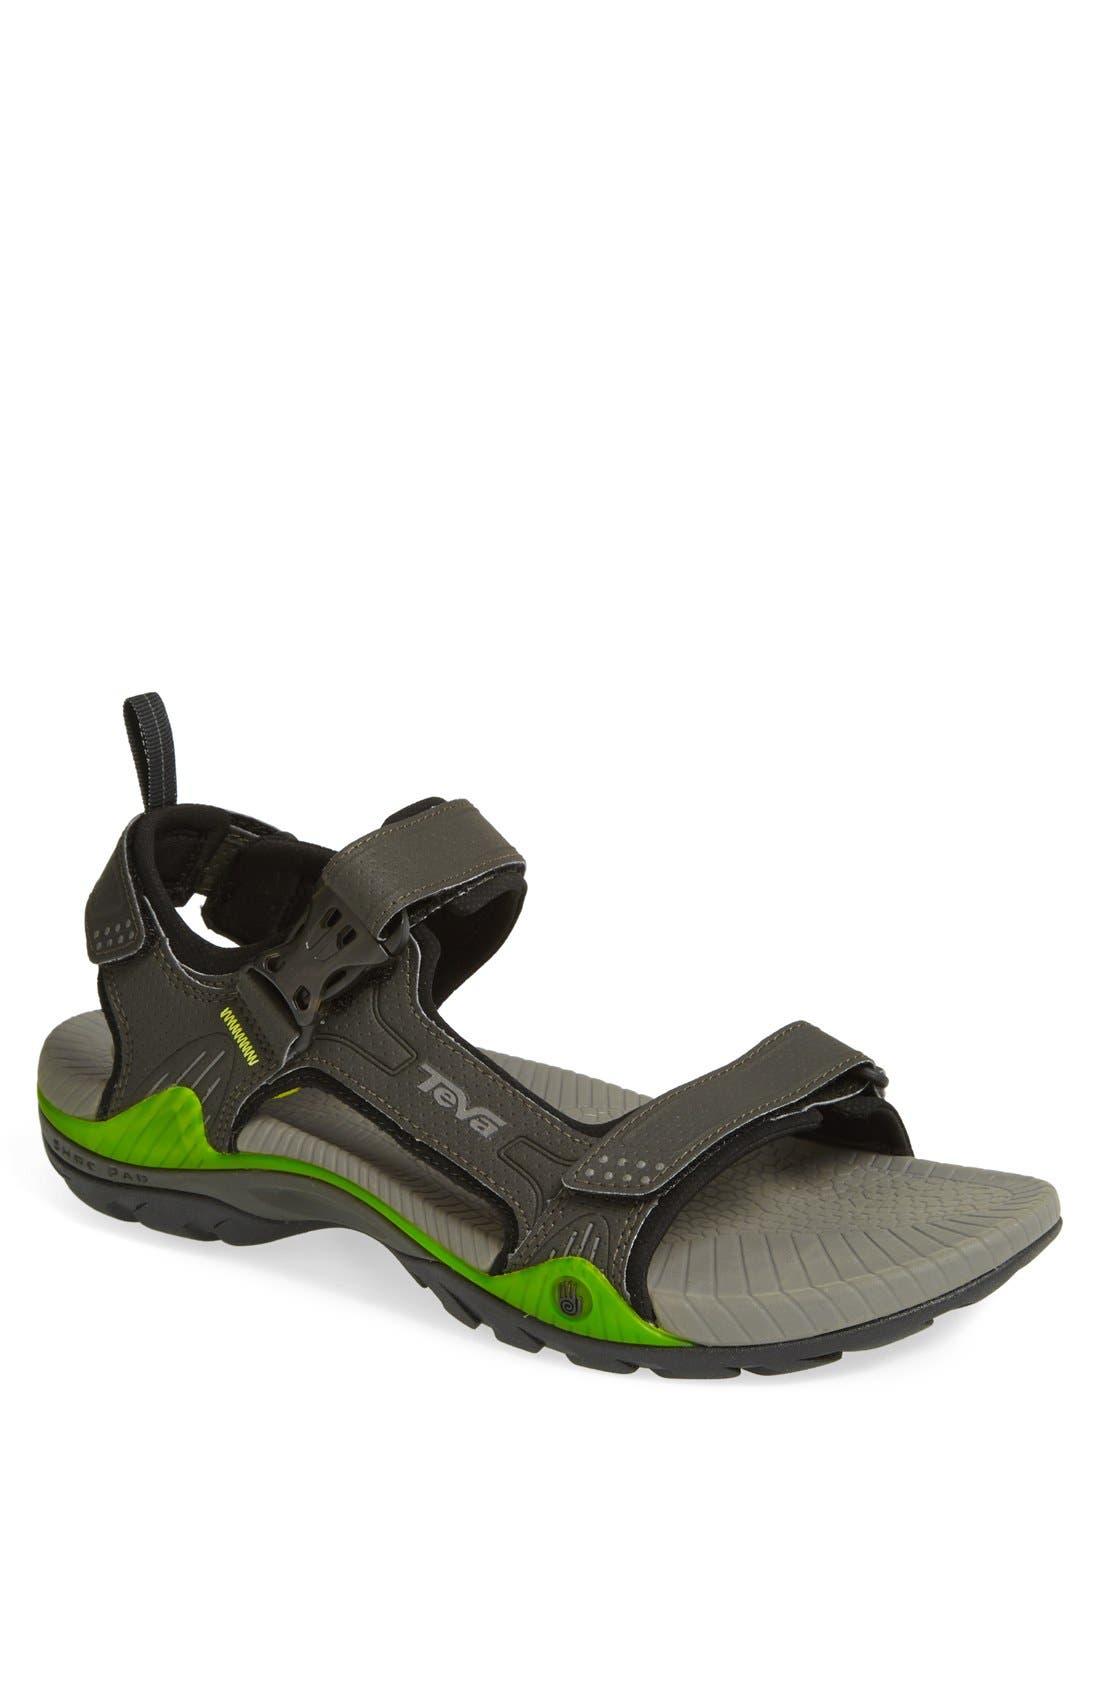 Main Image - Teva 'Toachi 2' Sandal (Men)